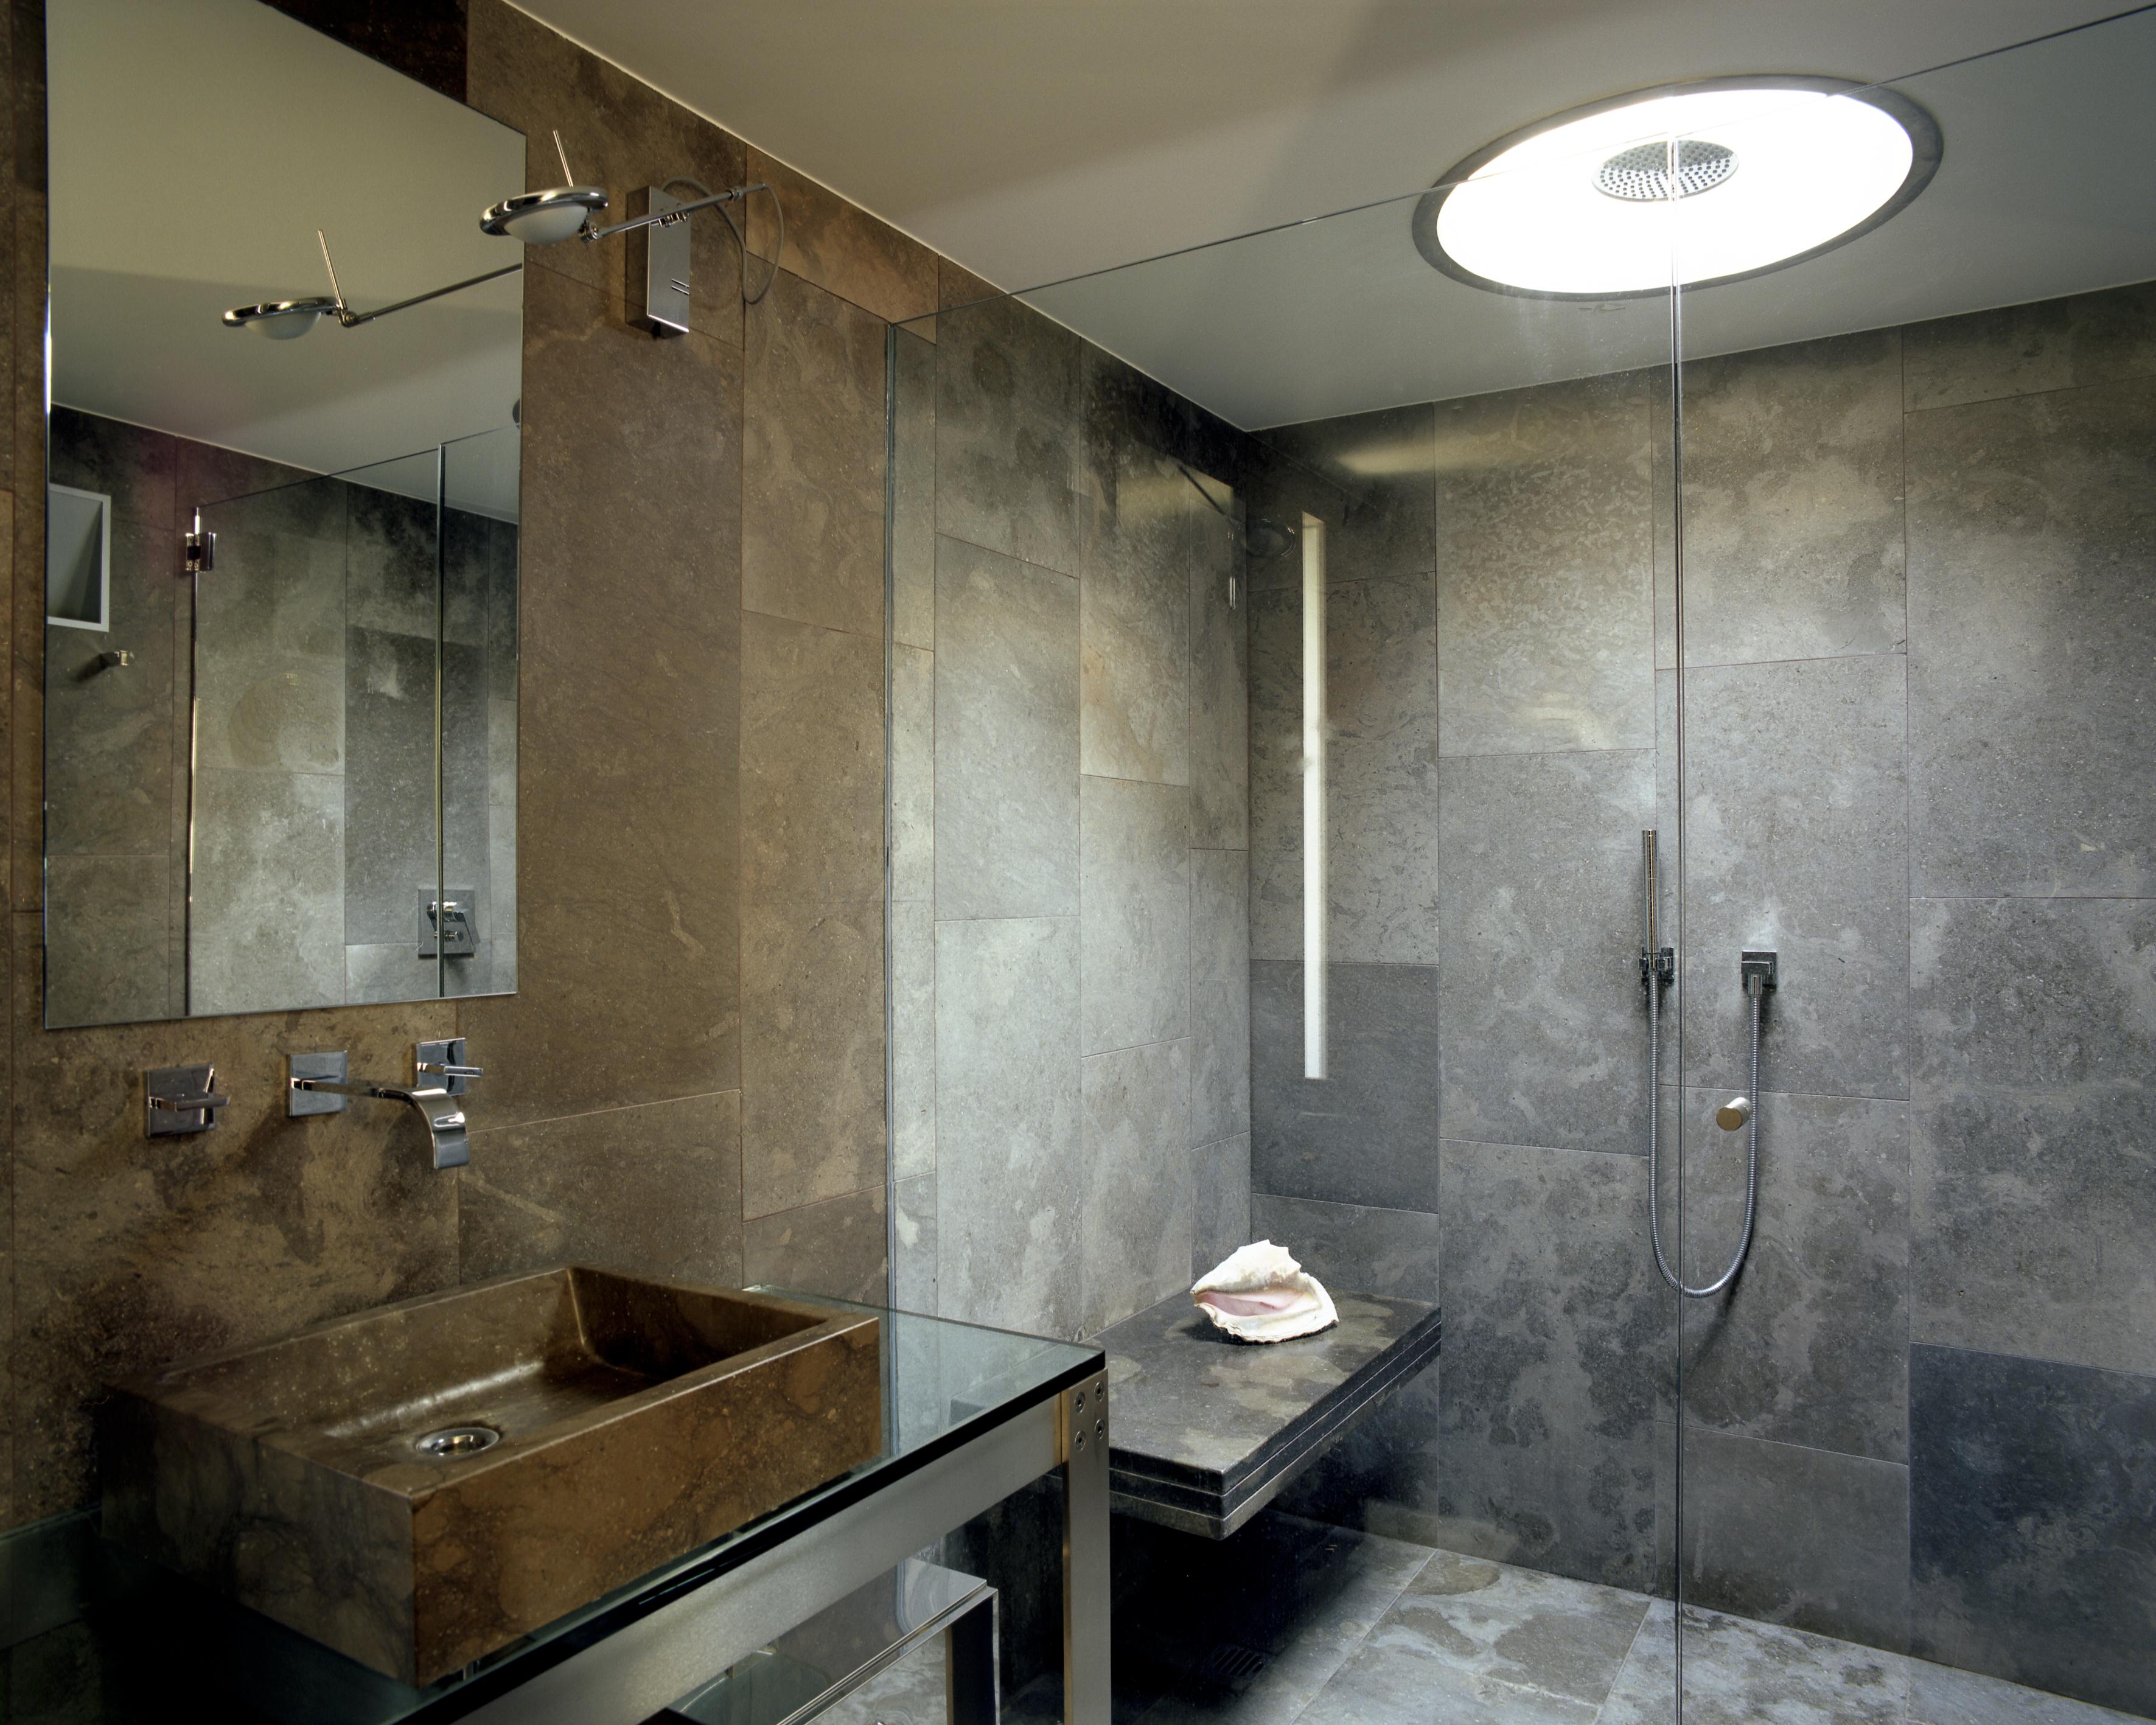 Bagno Design Ecologico In Pietra : Bagni in pietra e marmo pavimenti rivestimenti di resedile